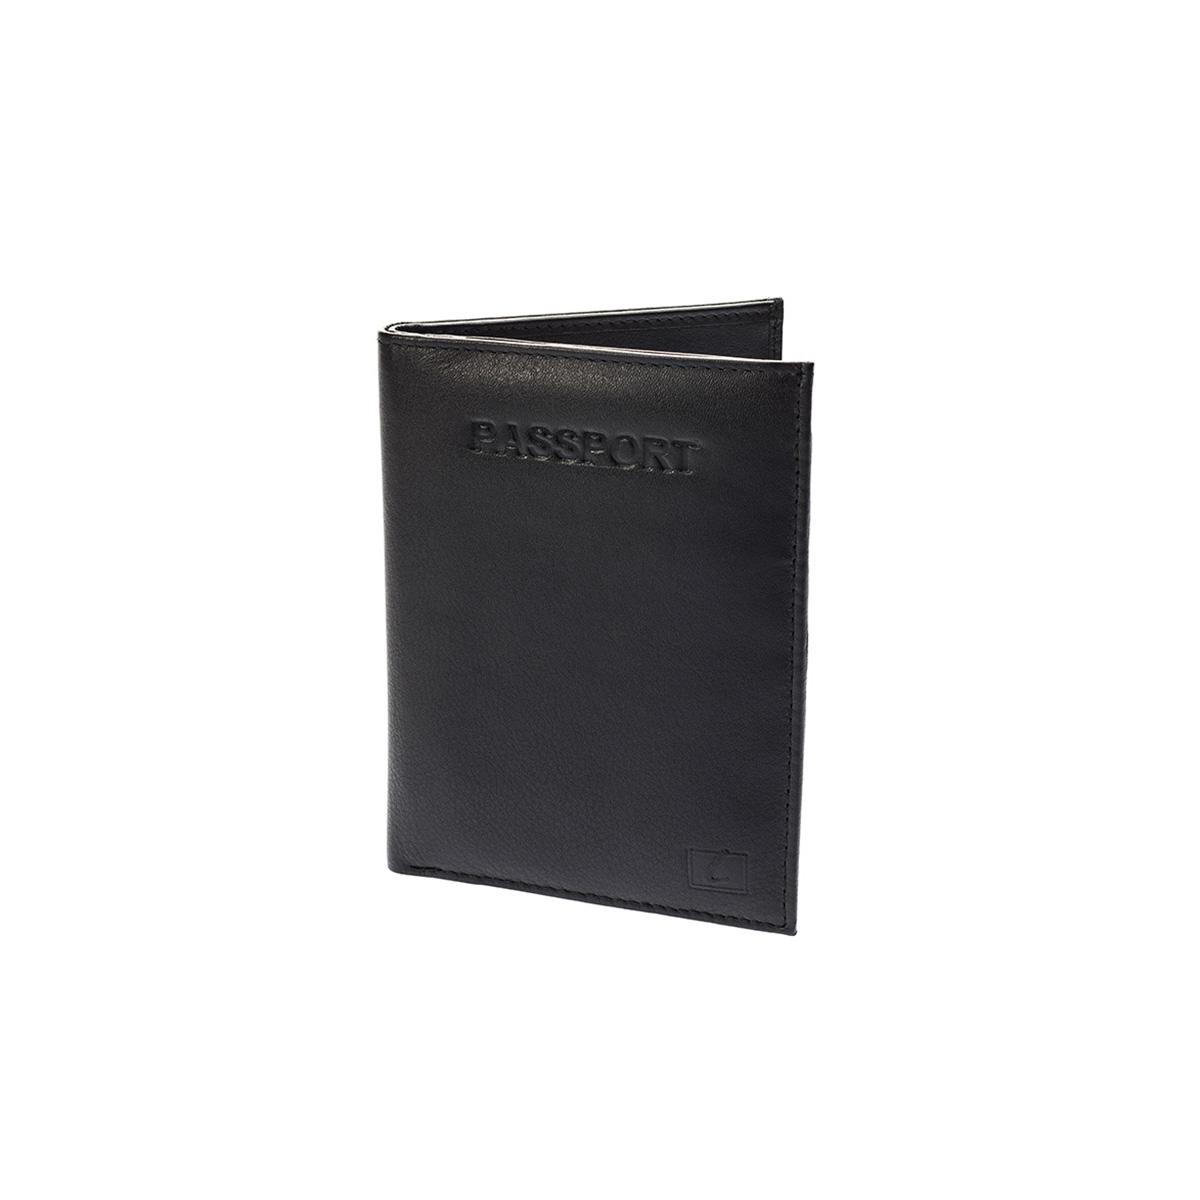 LAVOR 3311 Μαύρο Πορτοφόλι Ταυτότητας Διαβατηρίου Εγγράφων